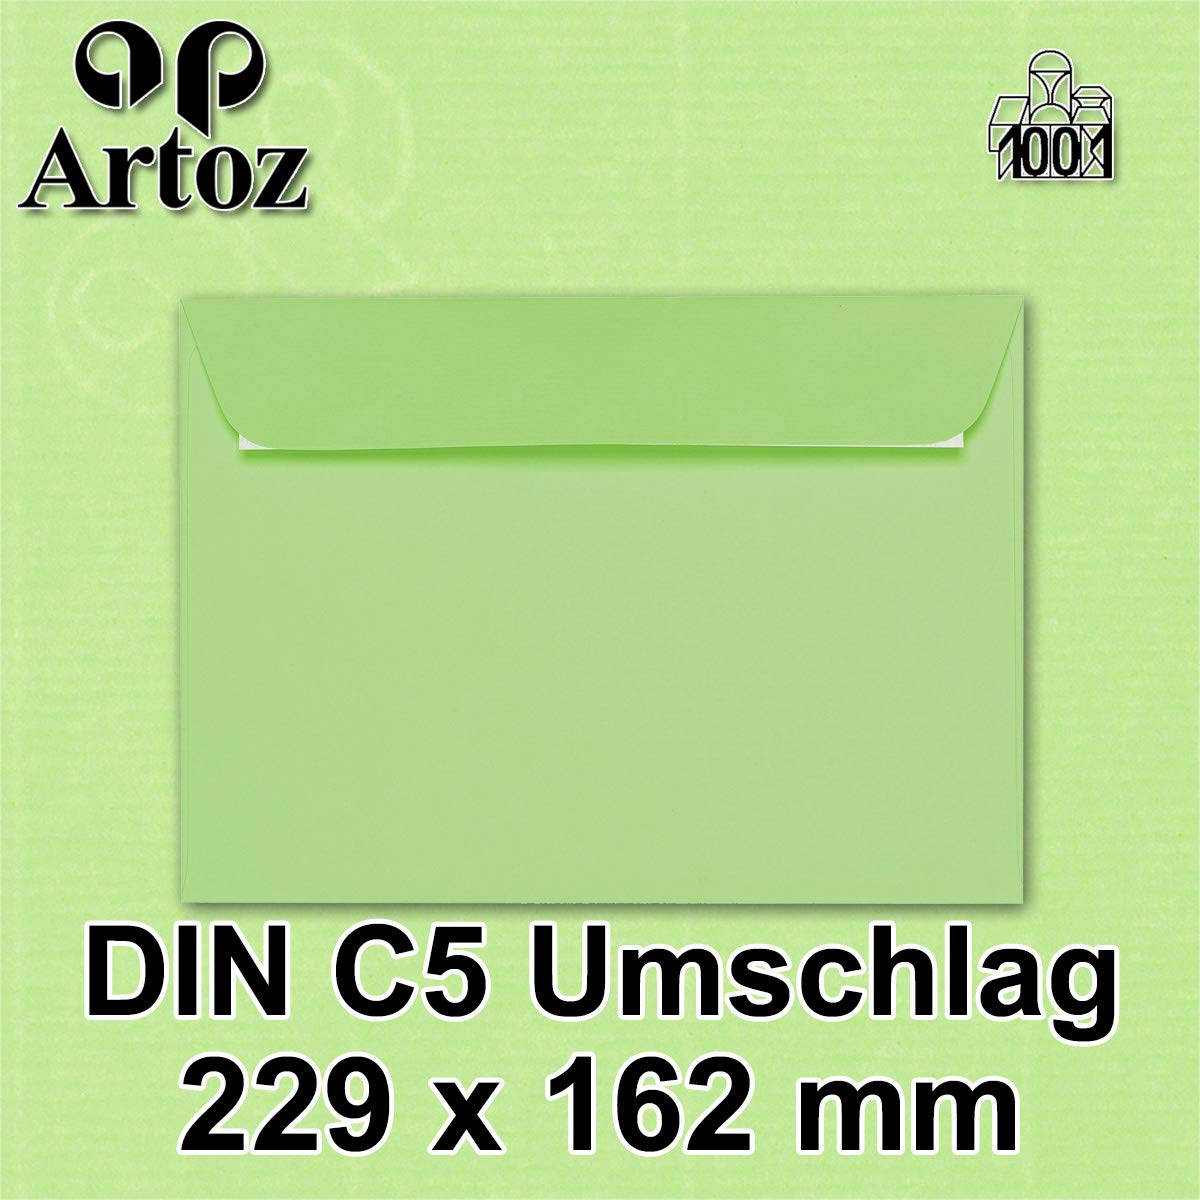 classic blue Artoz 1001 417 buste formato C5-100 g//m/² //// azione 2016 50 St/ück mit Geschenkbox